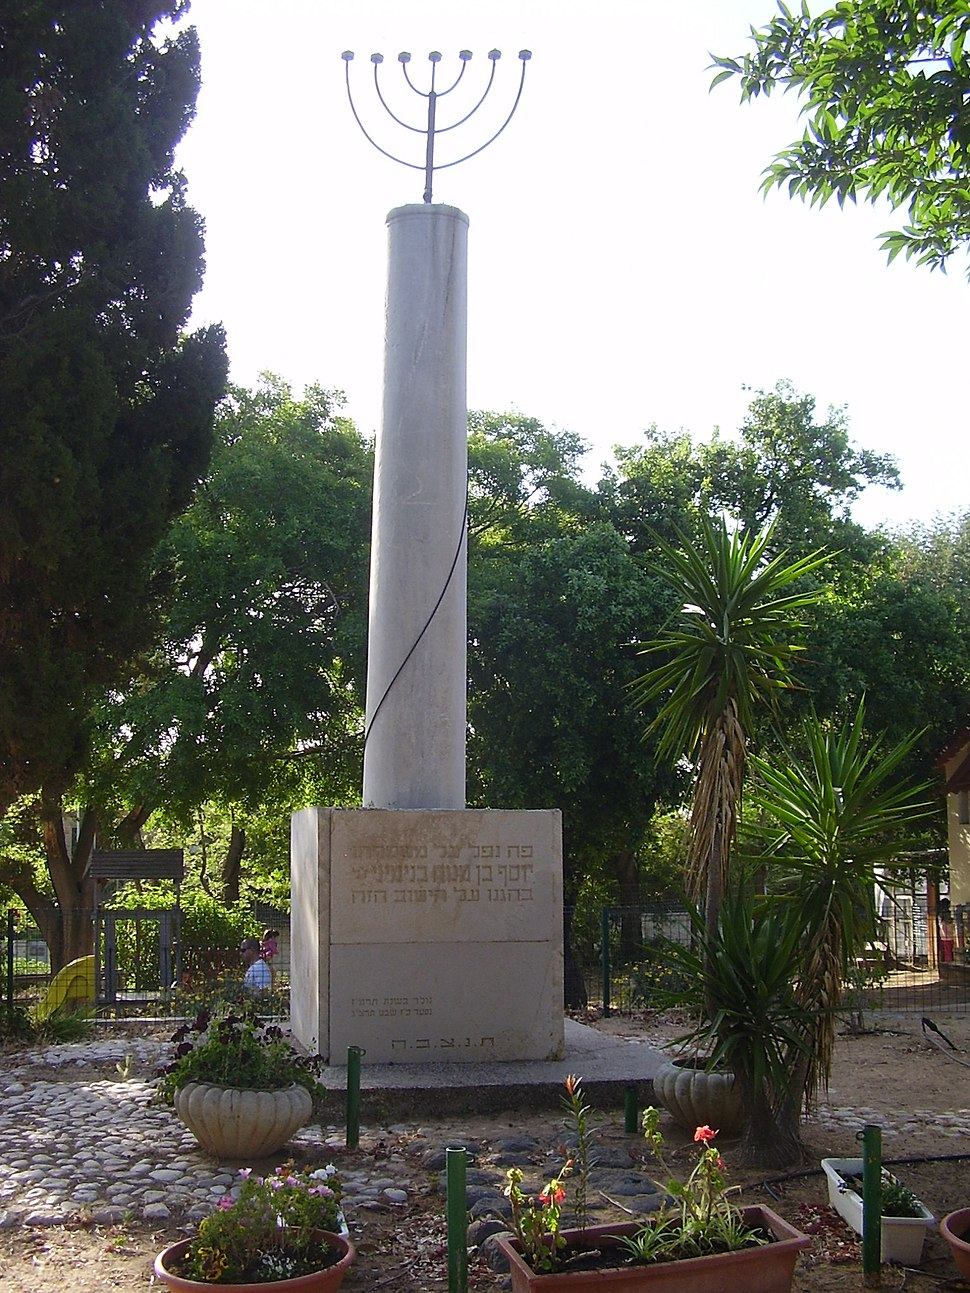 Yosef Binyamini Memorial in Avihayil, Israel